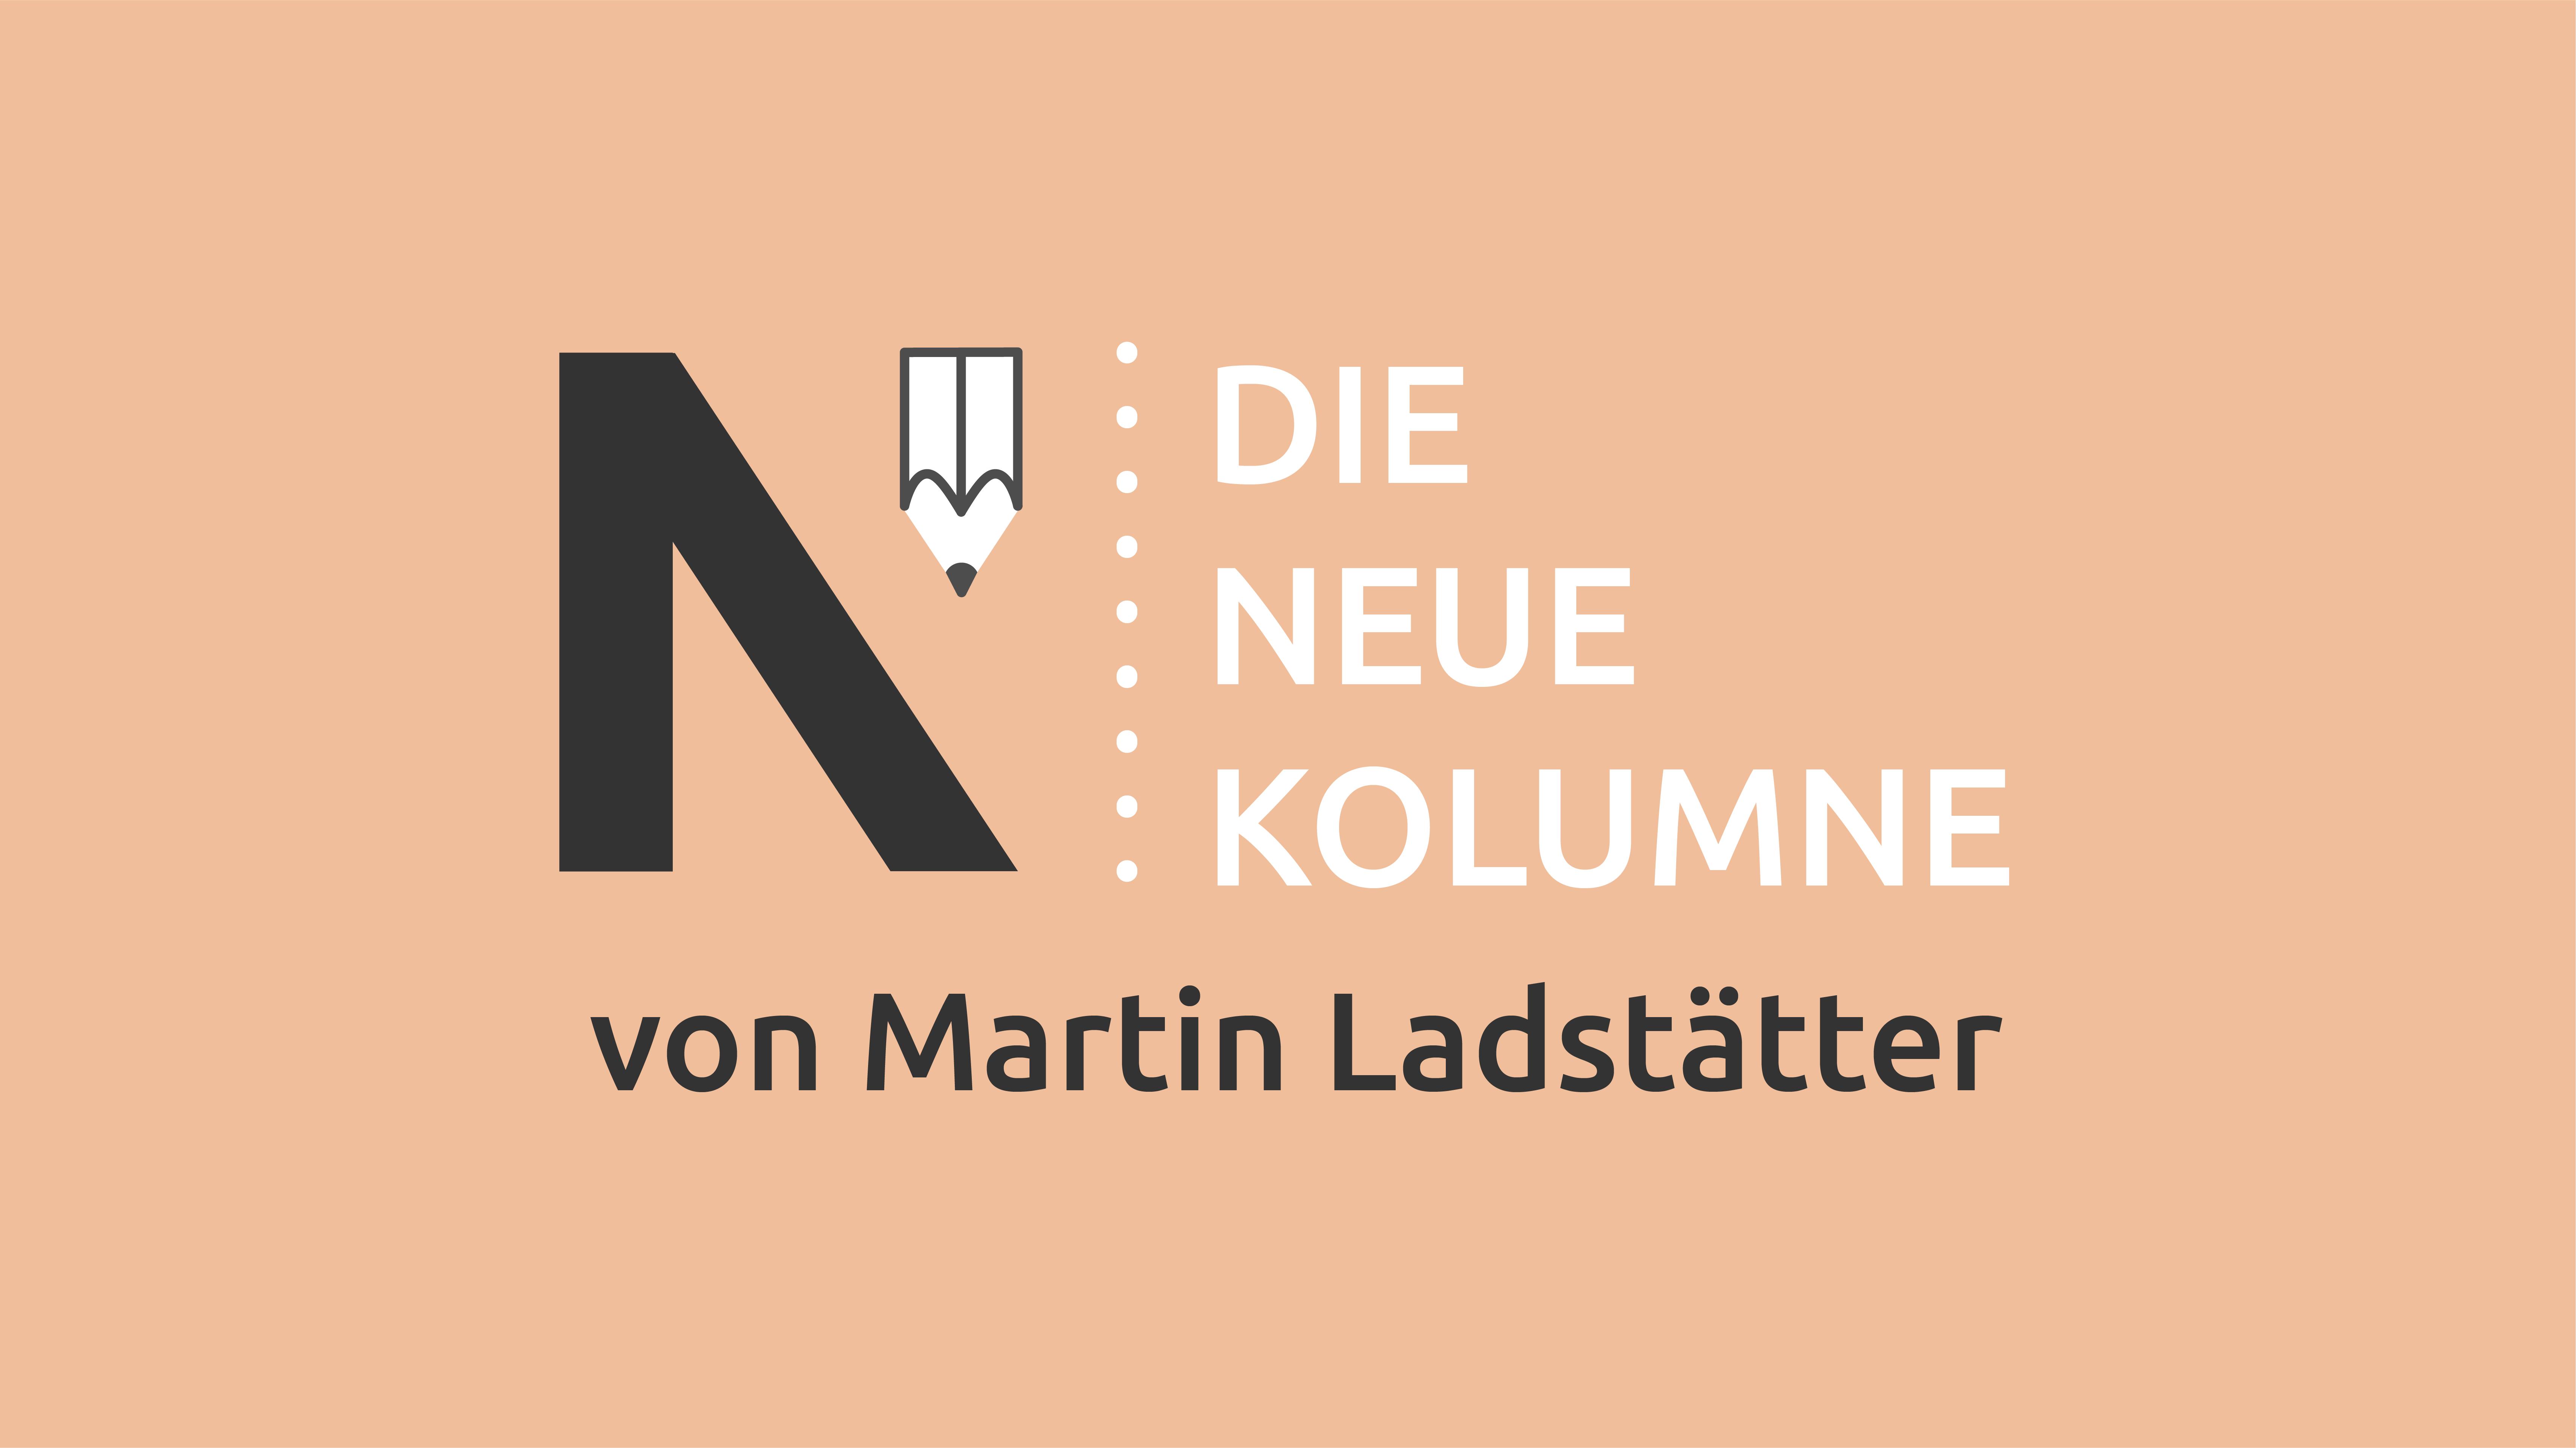 Logo von Die Neue Norm auf puderfarbenden Hintergrund. Rechts steht: Die Neue Kolumne. Unten Steht: von Martin Ladstätter.